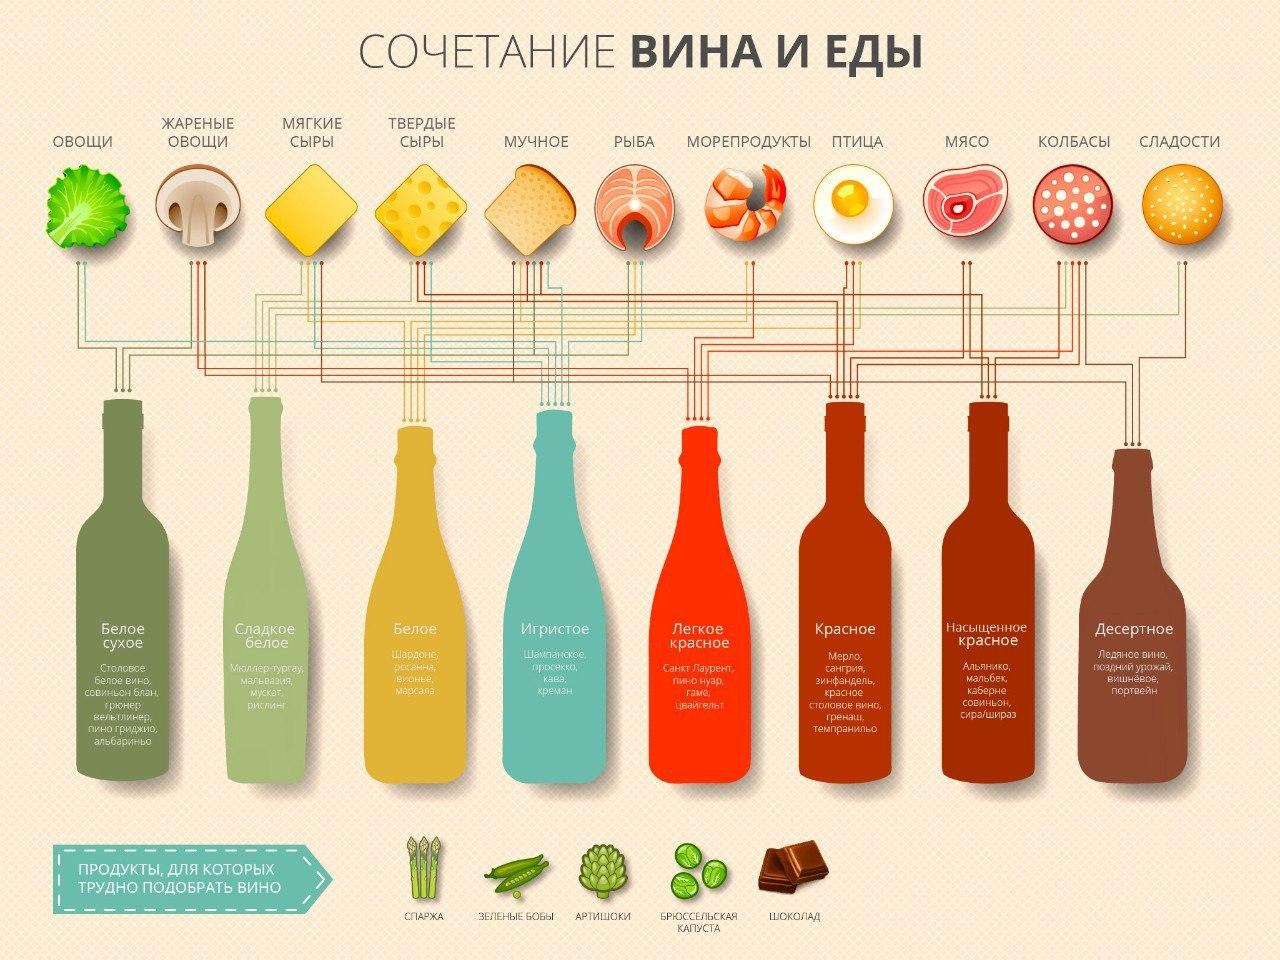 Cочетание вина и еды